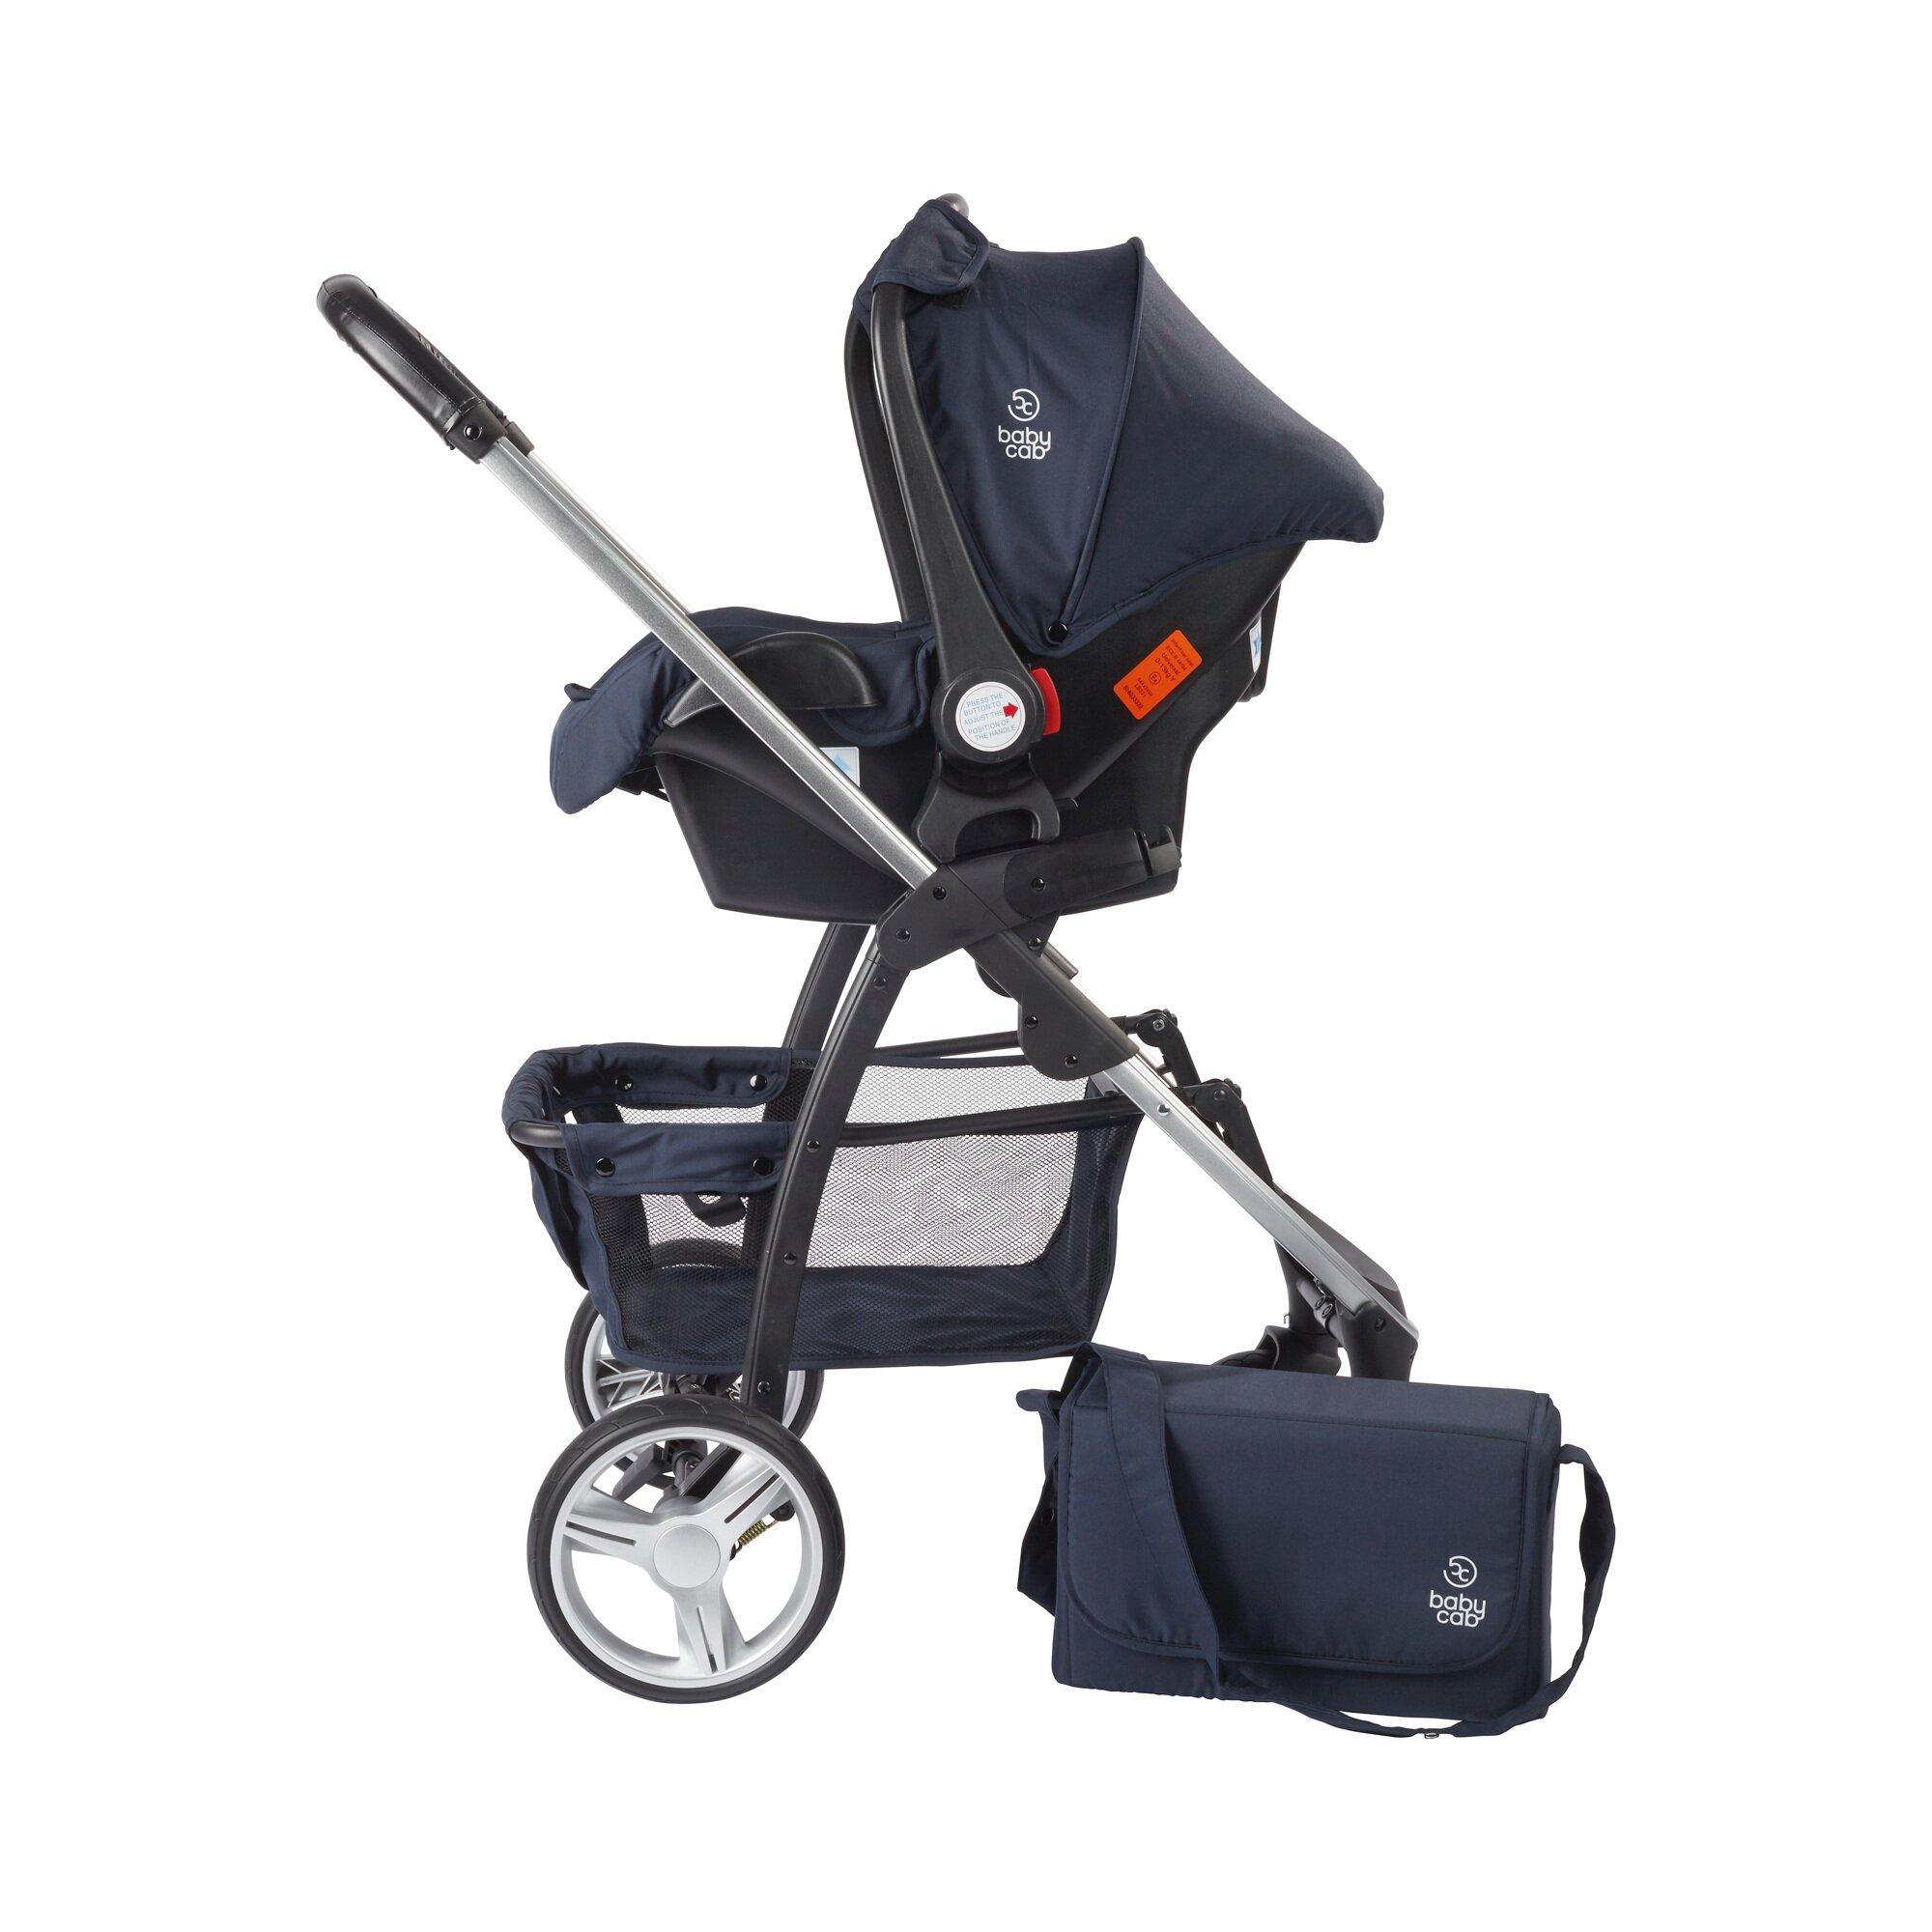 babycab-elodie-kombikinderwagen-trio-set-mit-wickeltasche-blau